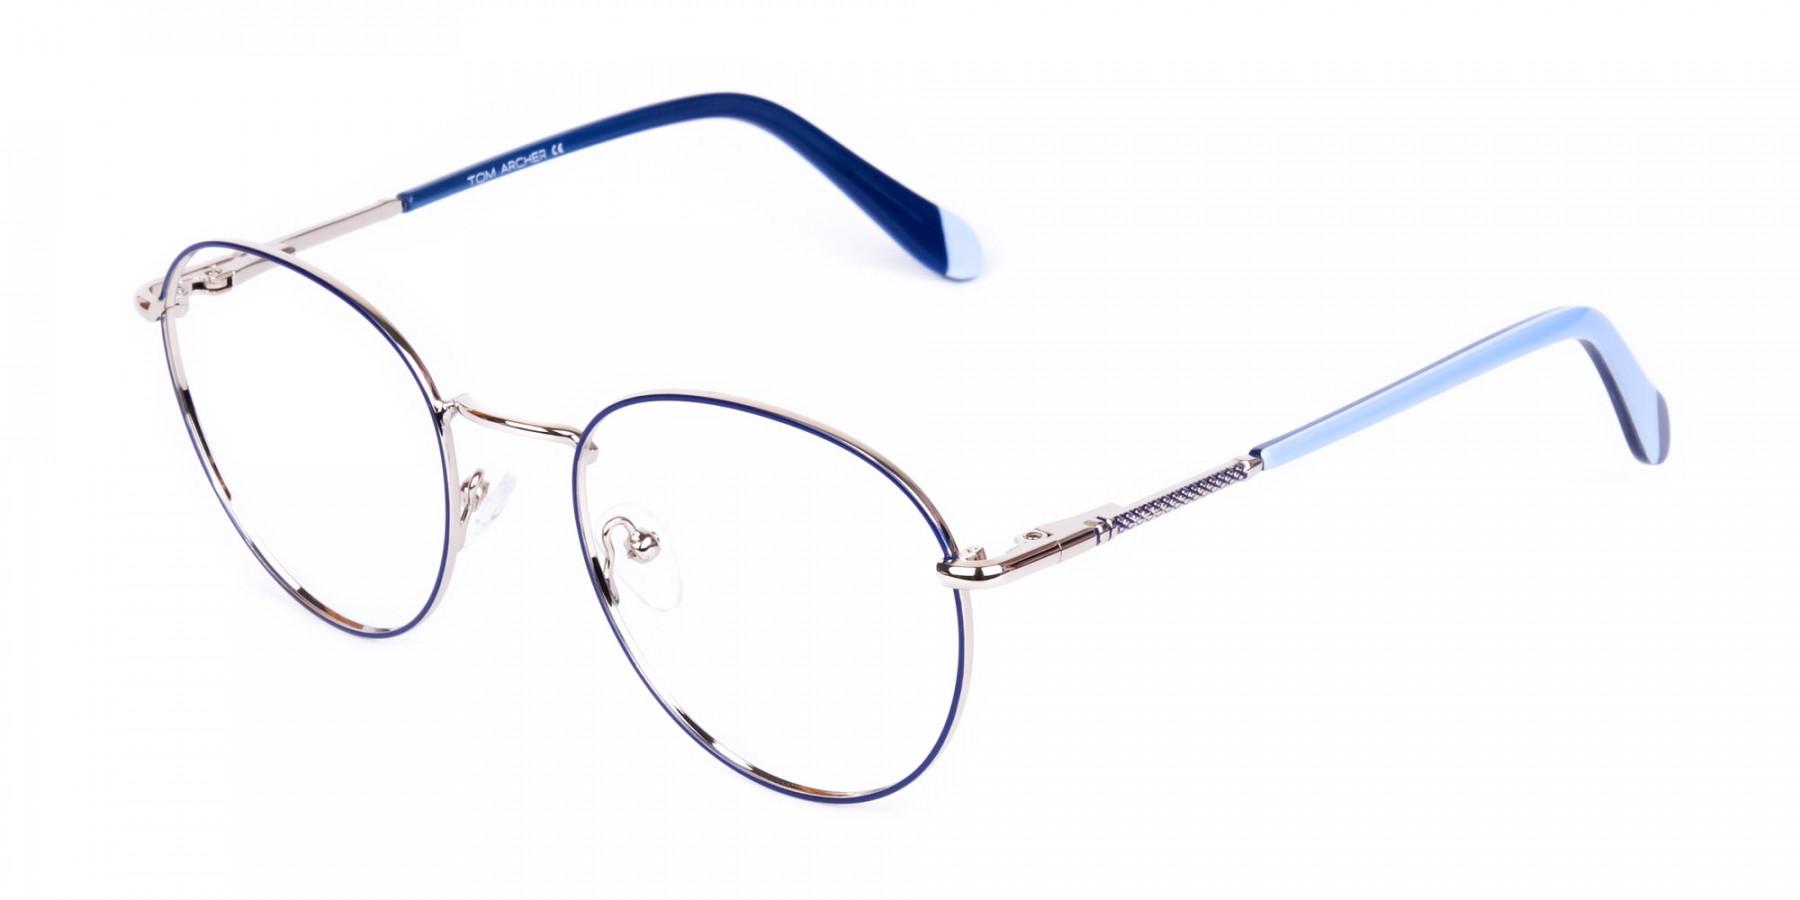 john lennon blue glasses-1